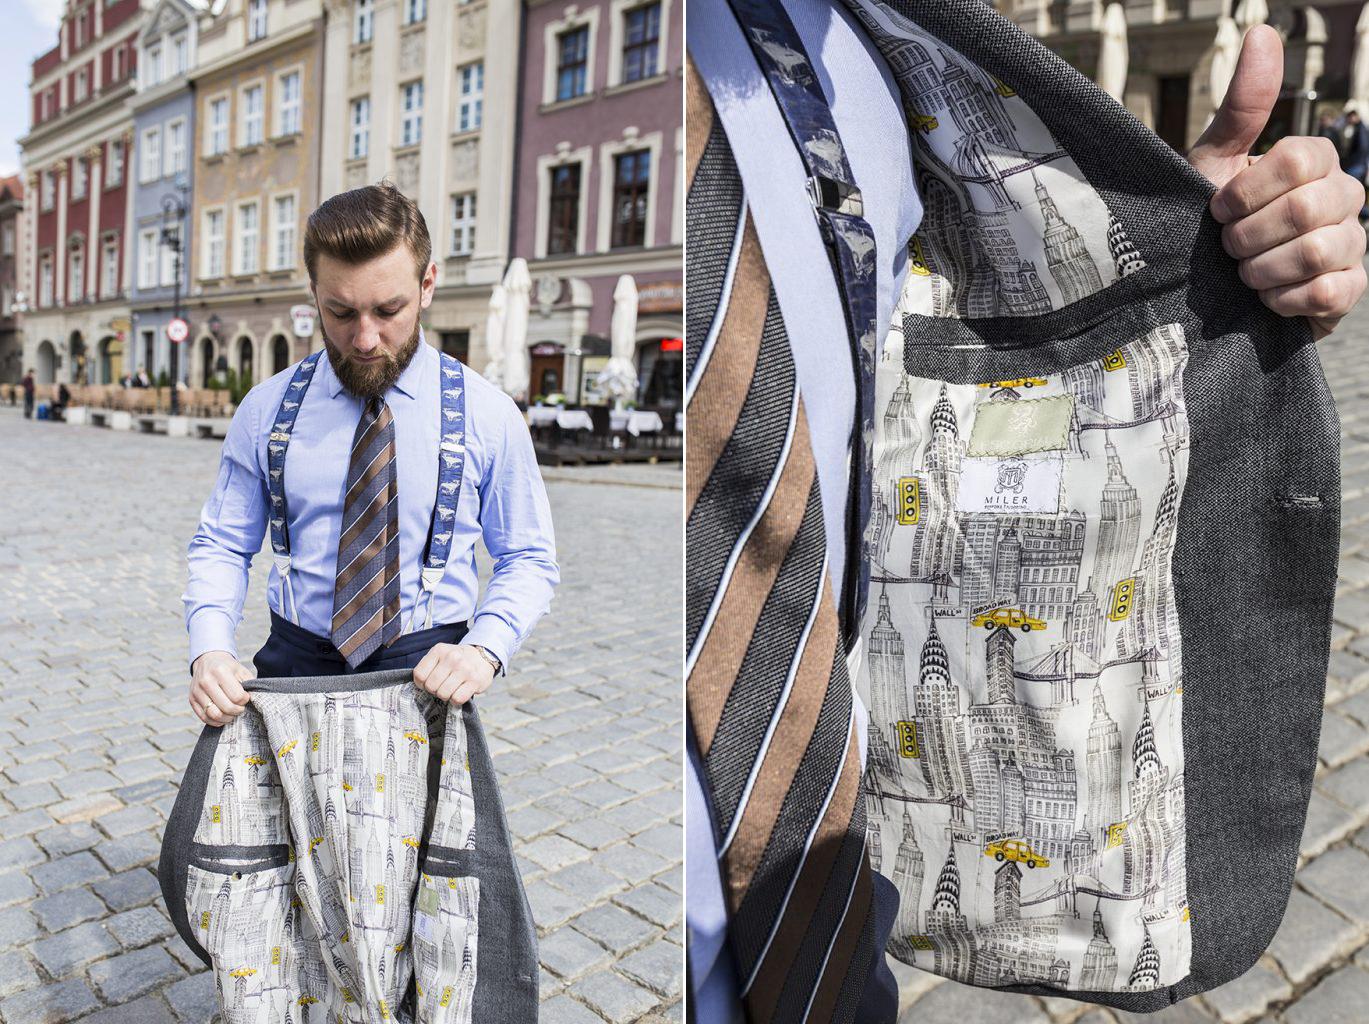 spodnie-na-szelki-zestaw-koordynowany-blekitna-koszula-miler-menswear(7)